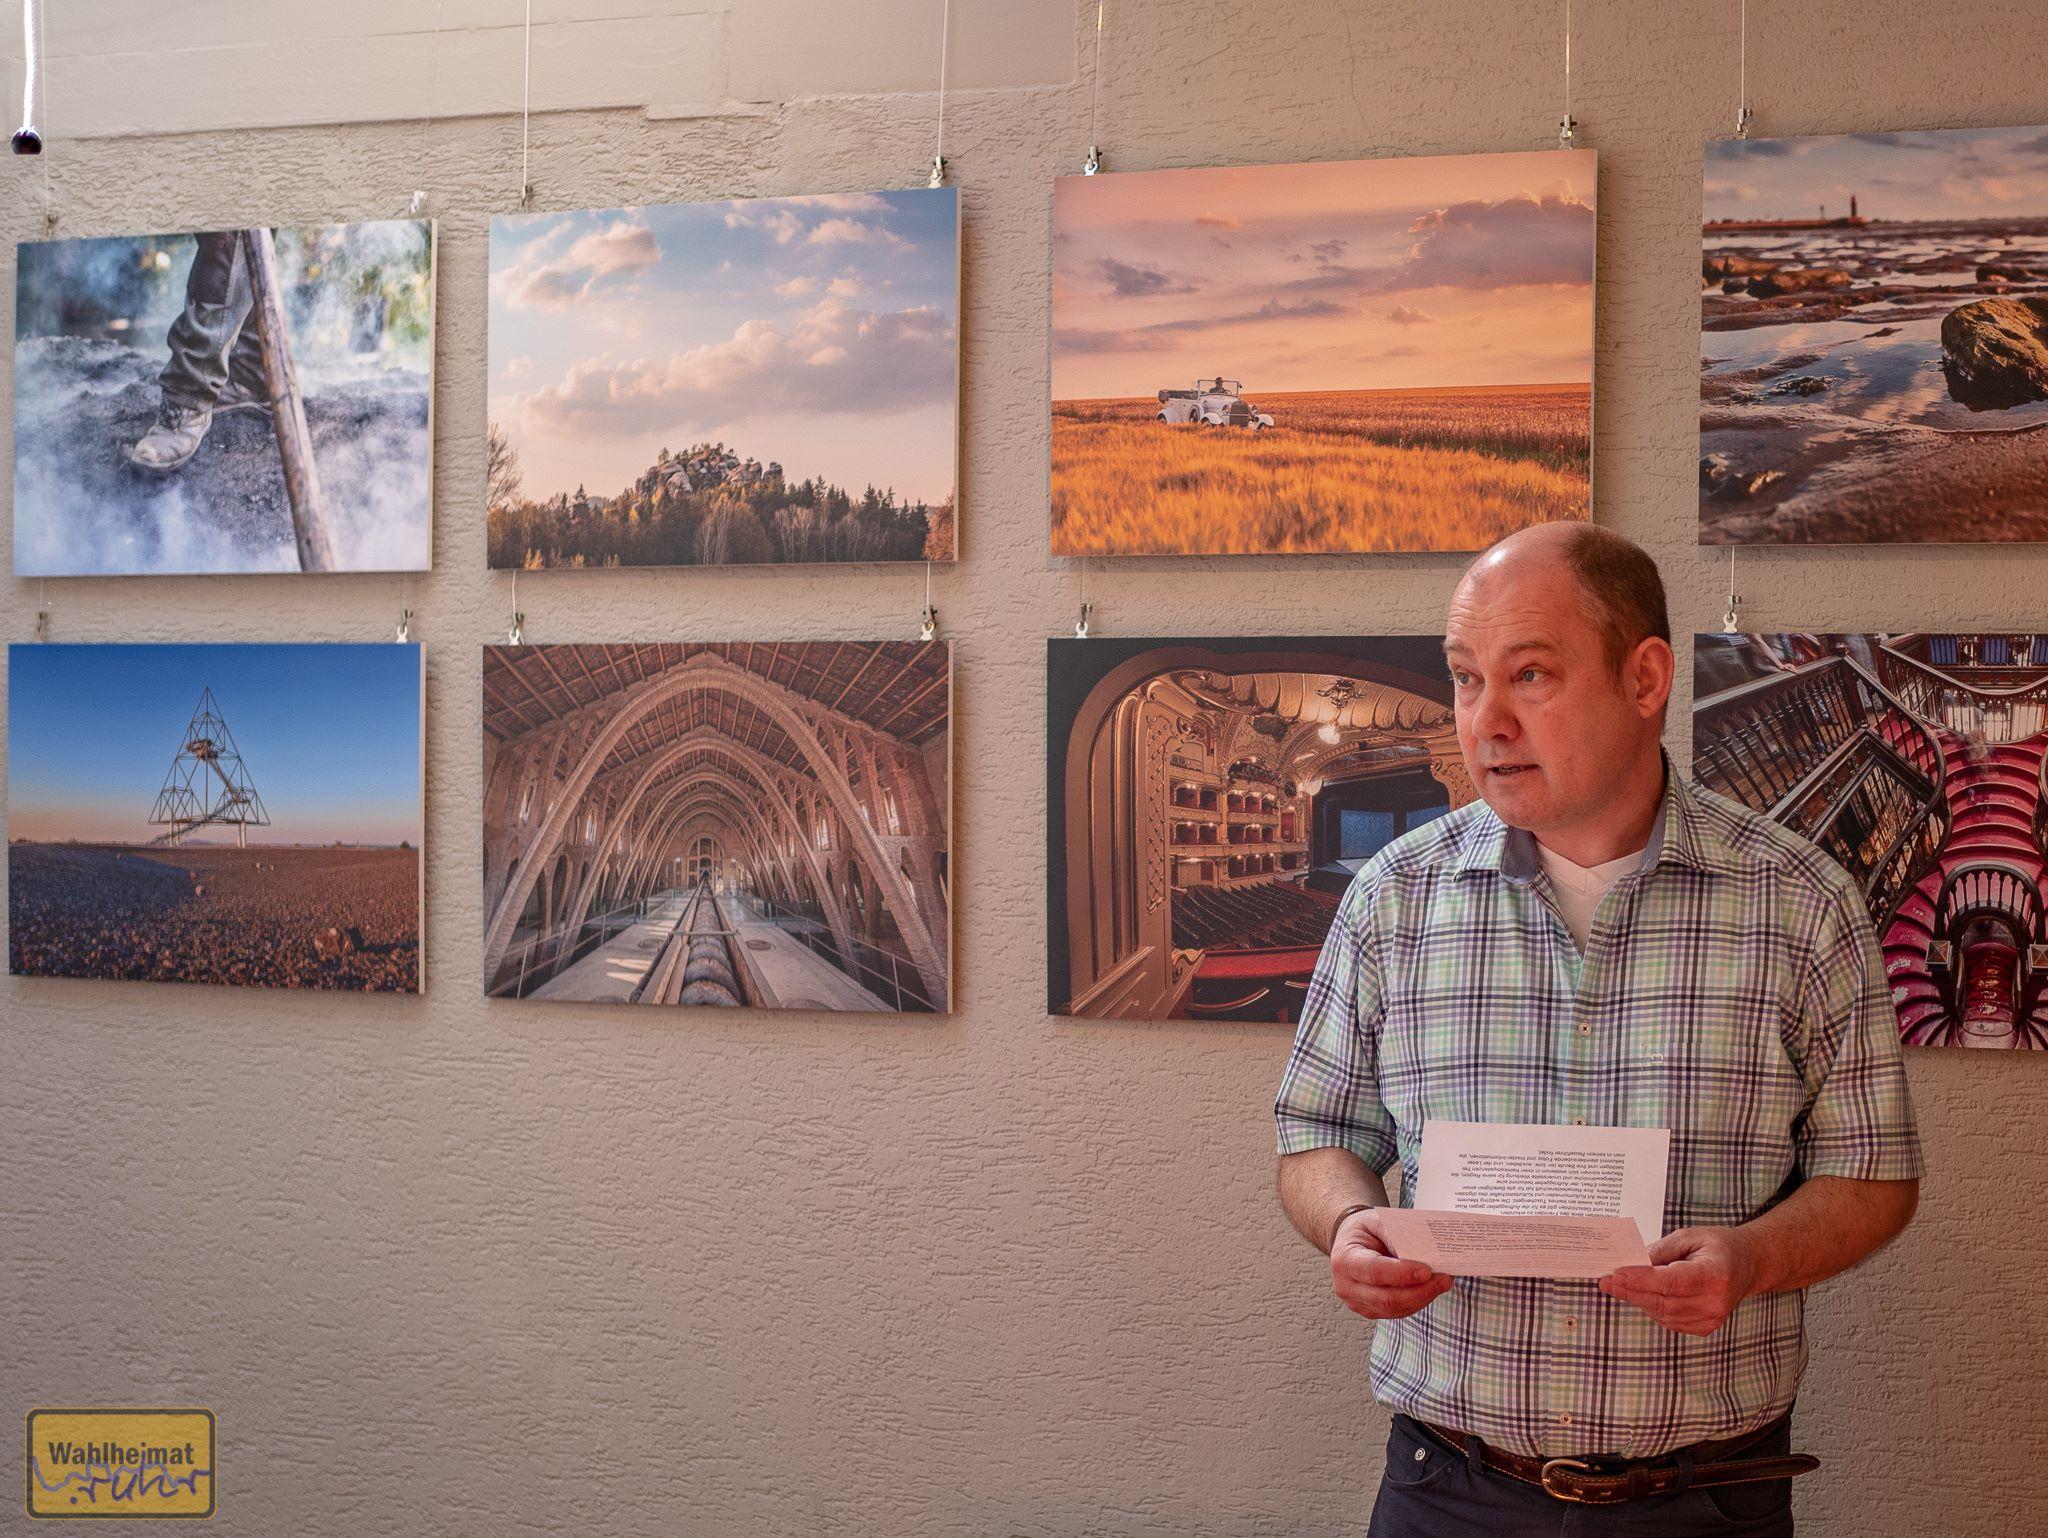 Dr. Jörg Schmitz eröffnet die Ausstellung. Im Hintergrund sieht man z.B. auch Motive aus dem Siegerland und natürlich dem Ruhrgebiet.